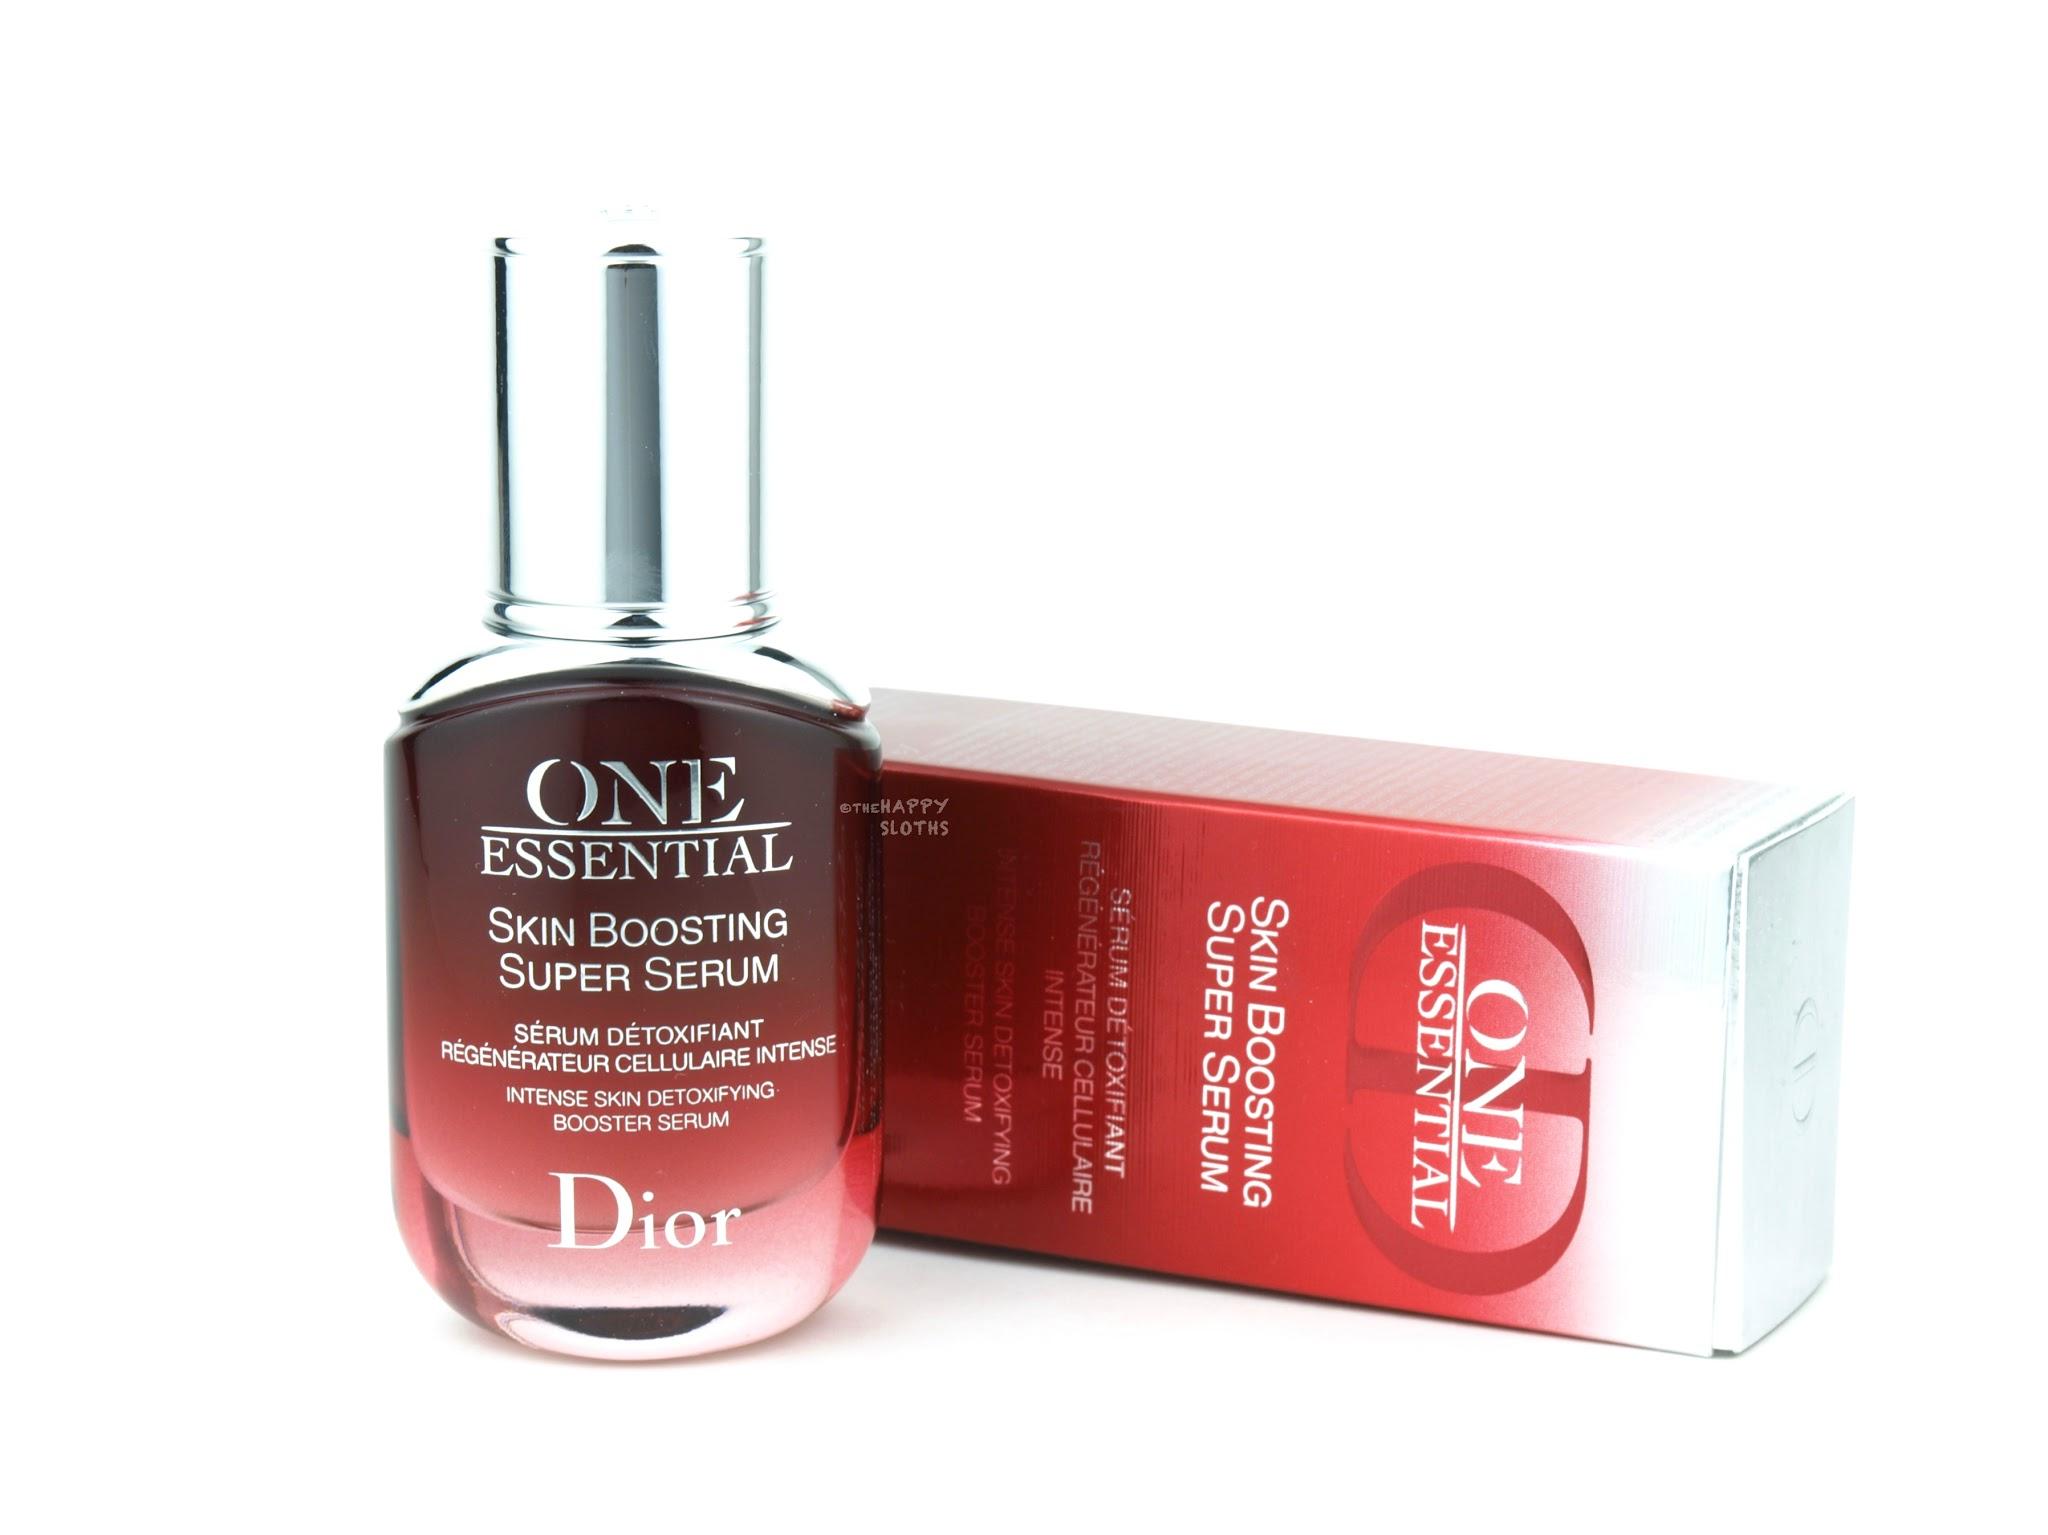 Dior One Essential Skin Boosting Super Serum: Review